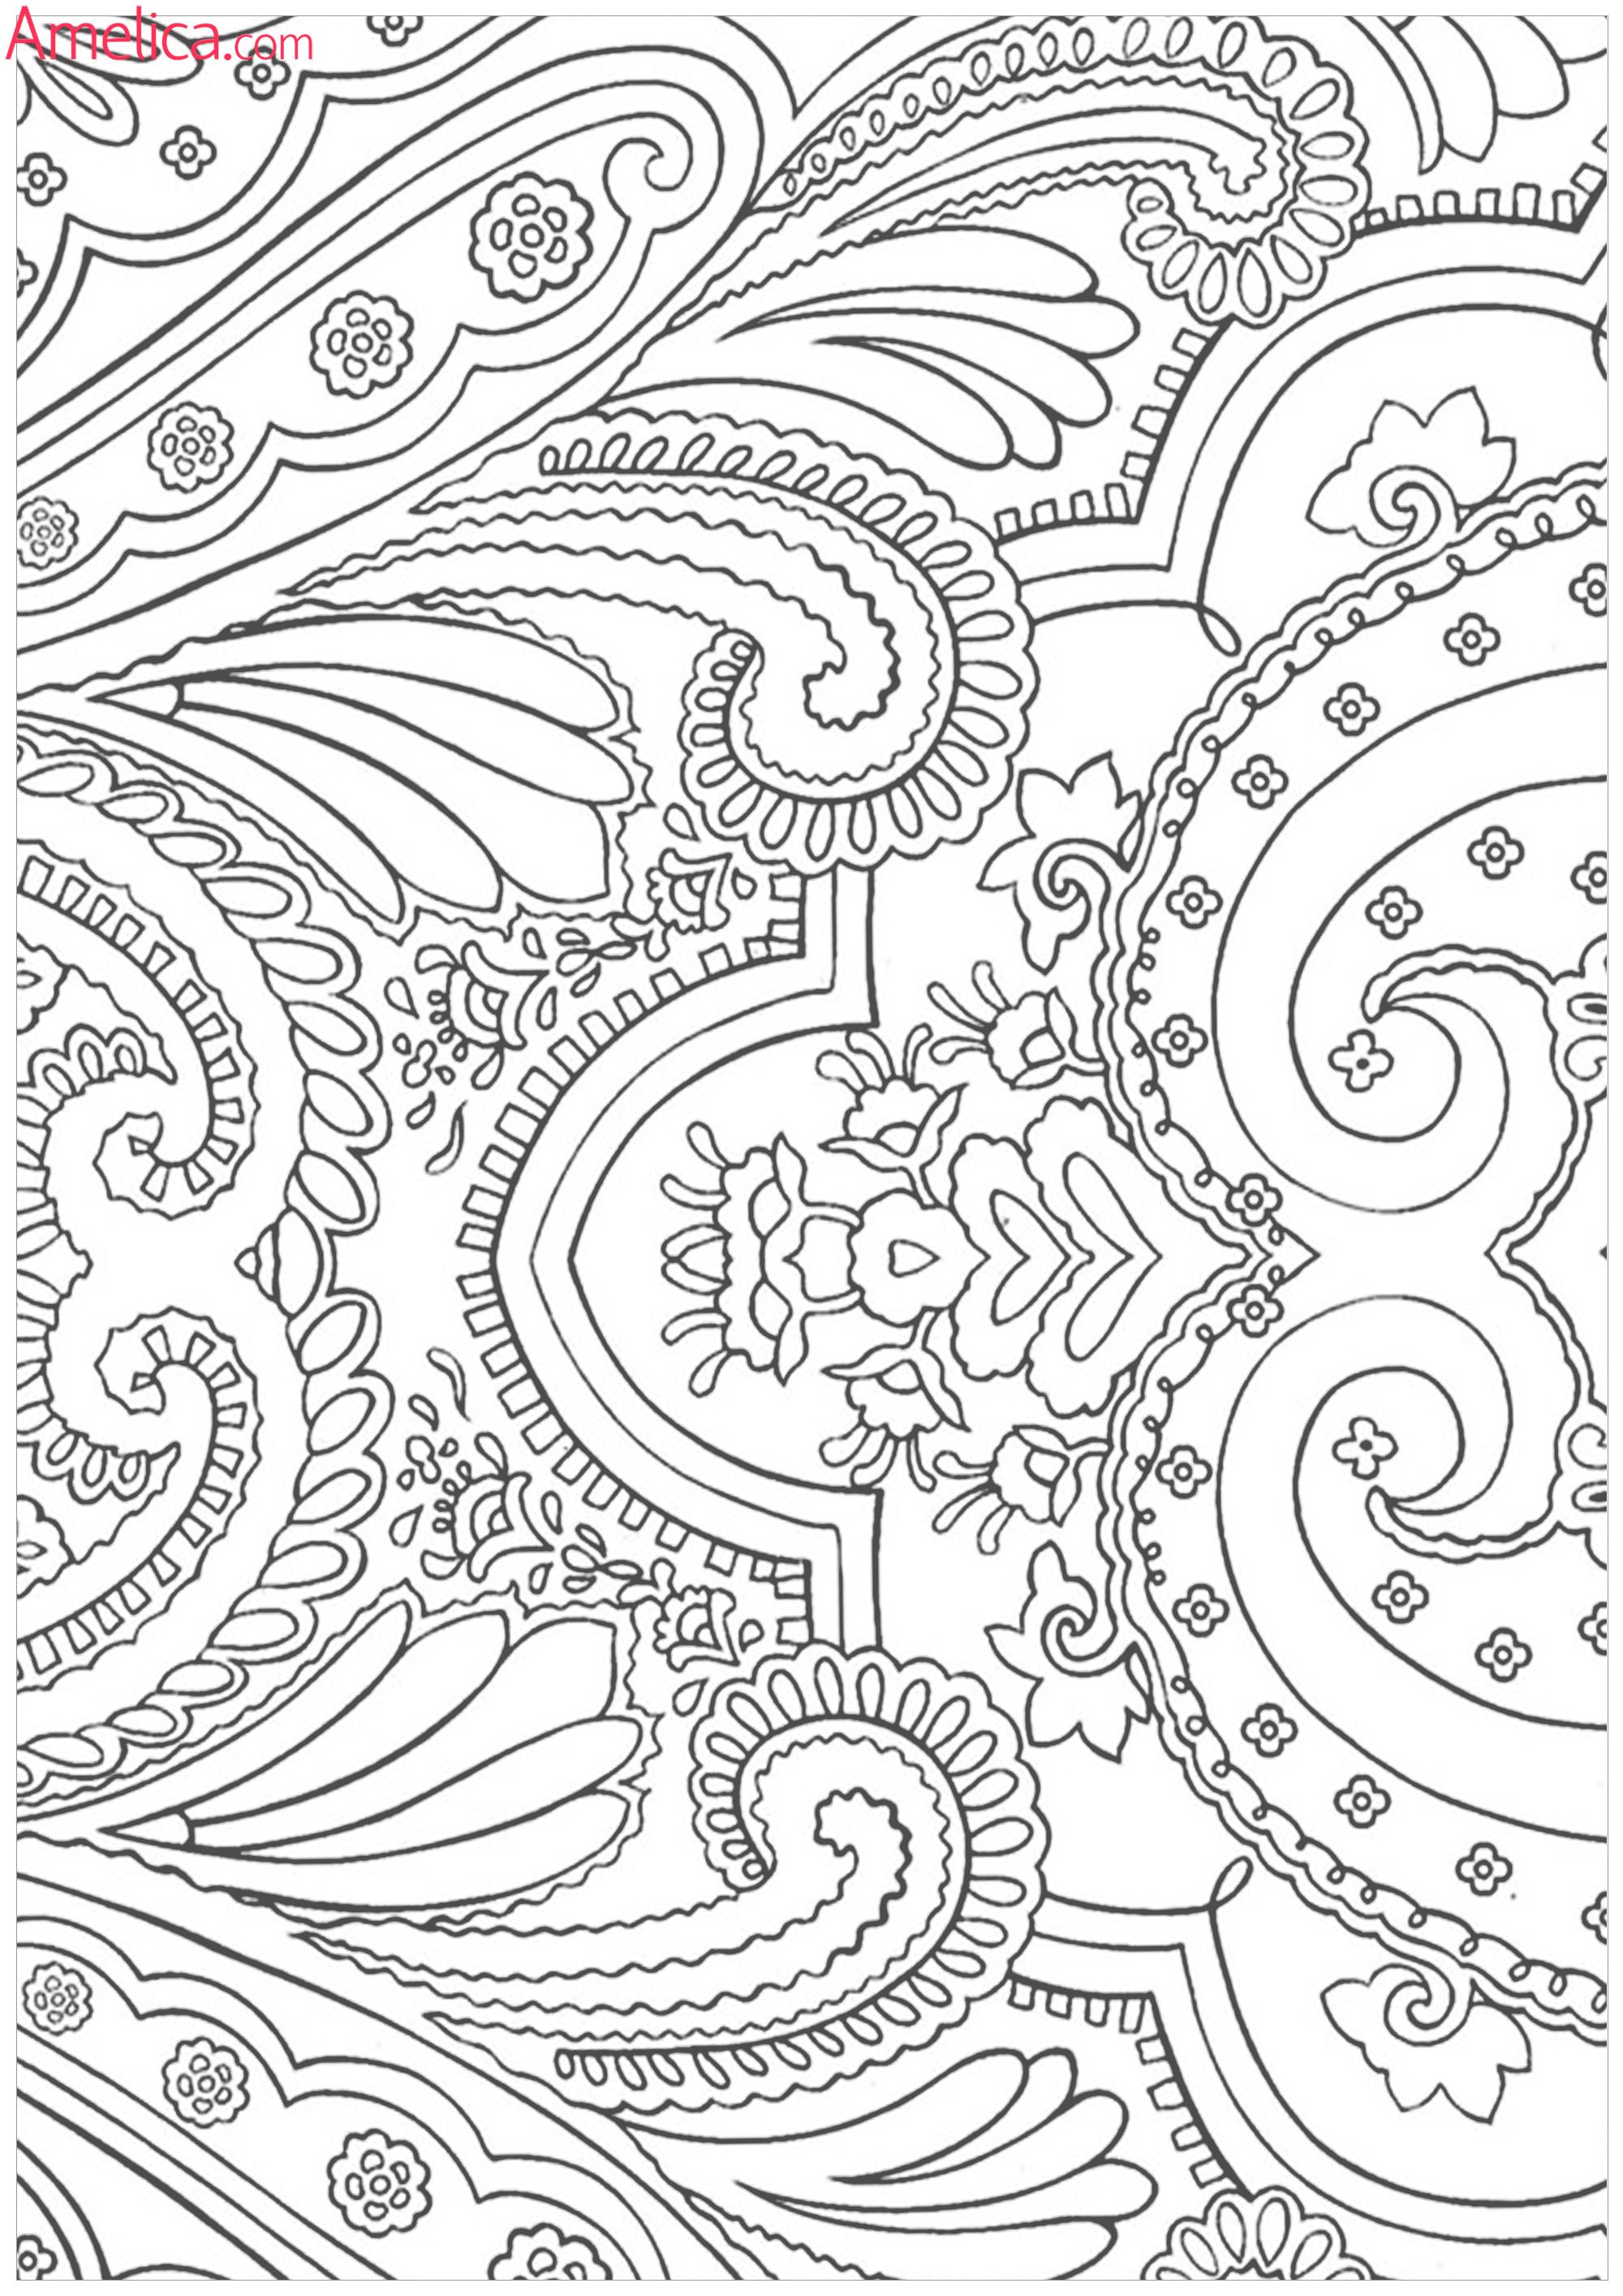 Раскраска для взрослых антистресс ...: https://amelica.com/раскраски-антистресс...